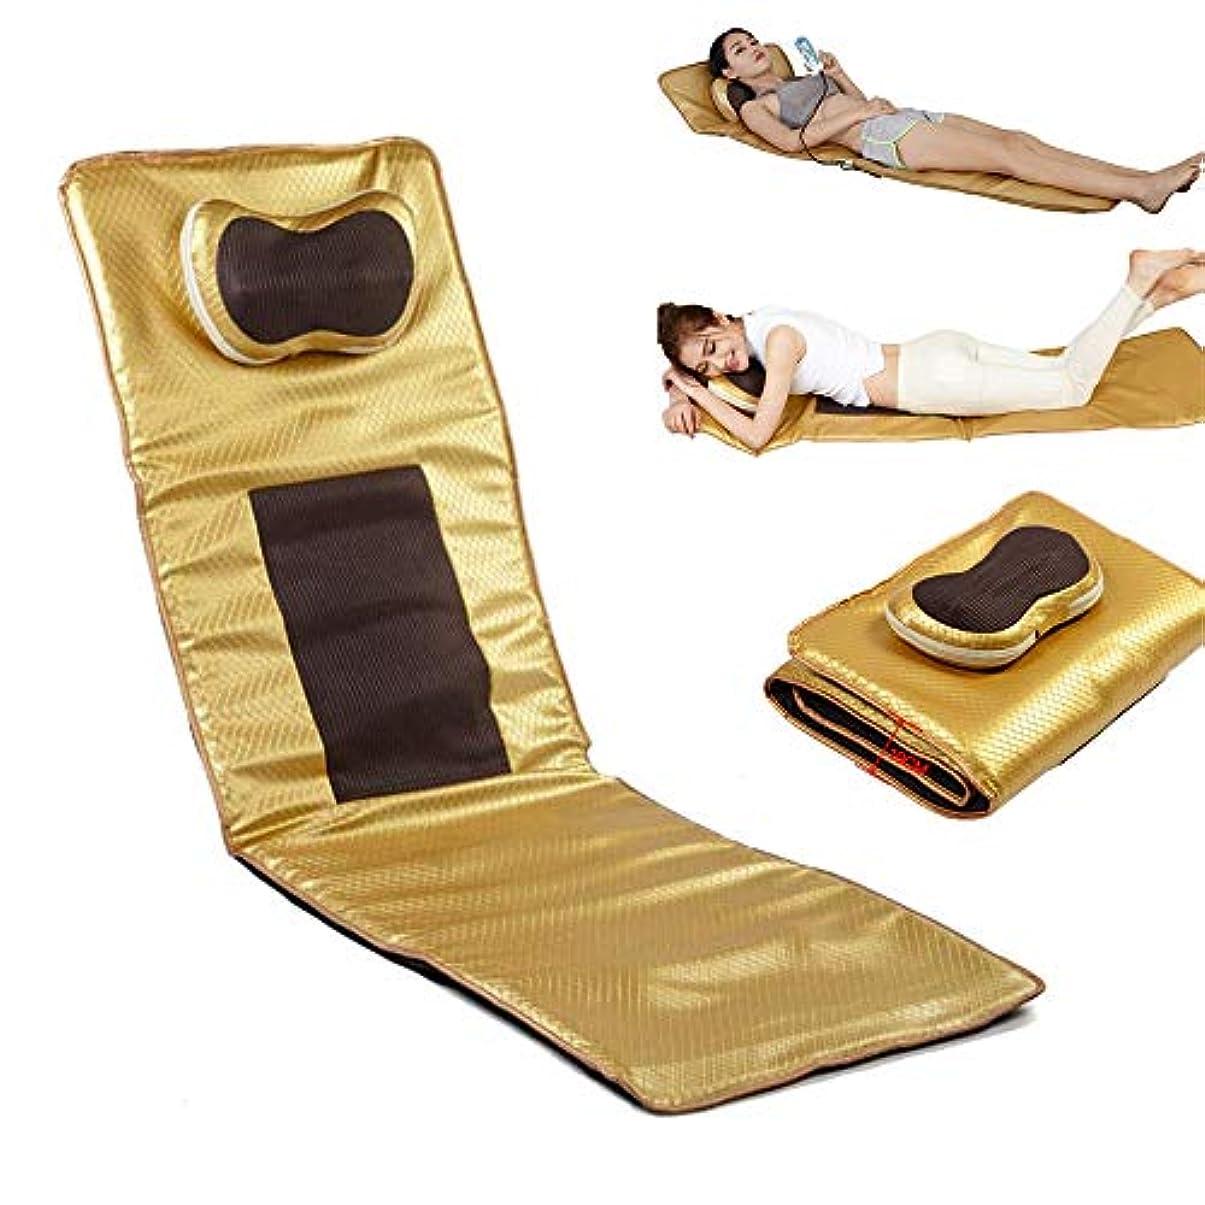 再発するハッピーファームボディを和らげるためにマットレスマッサージマッサージ枕とマッサージマット、痛みフルボディマッサージ折り畳み式の多機能電気暖房